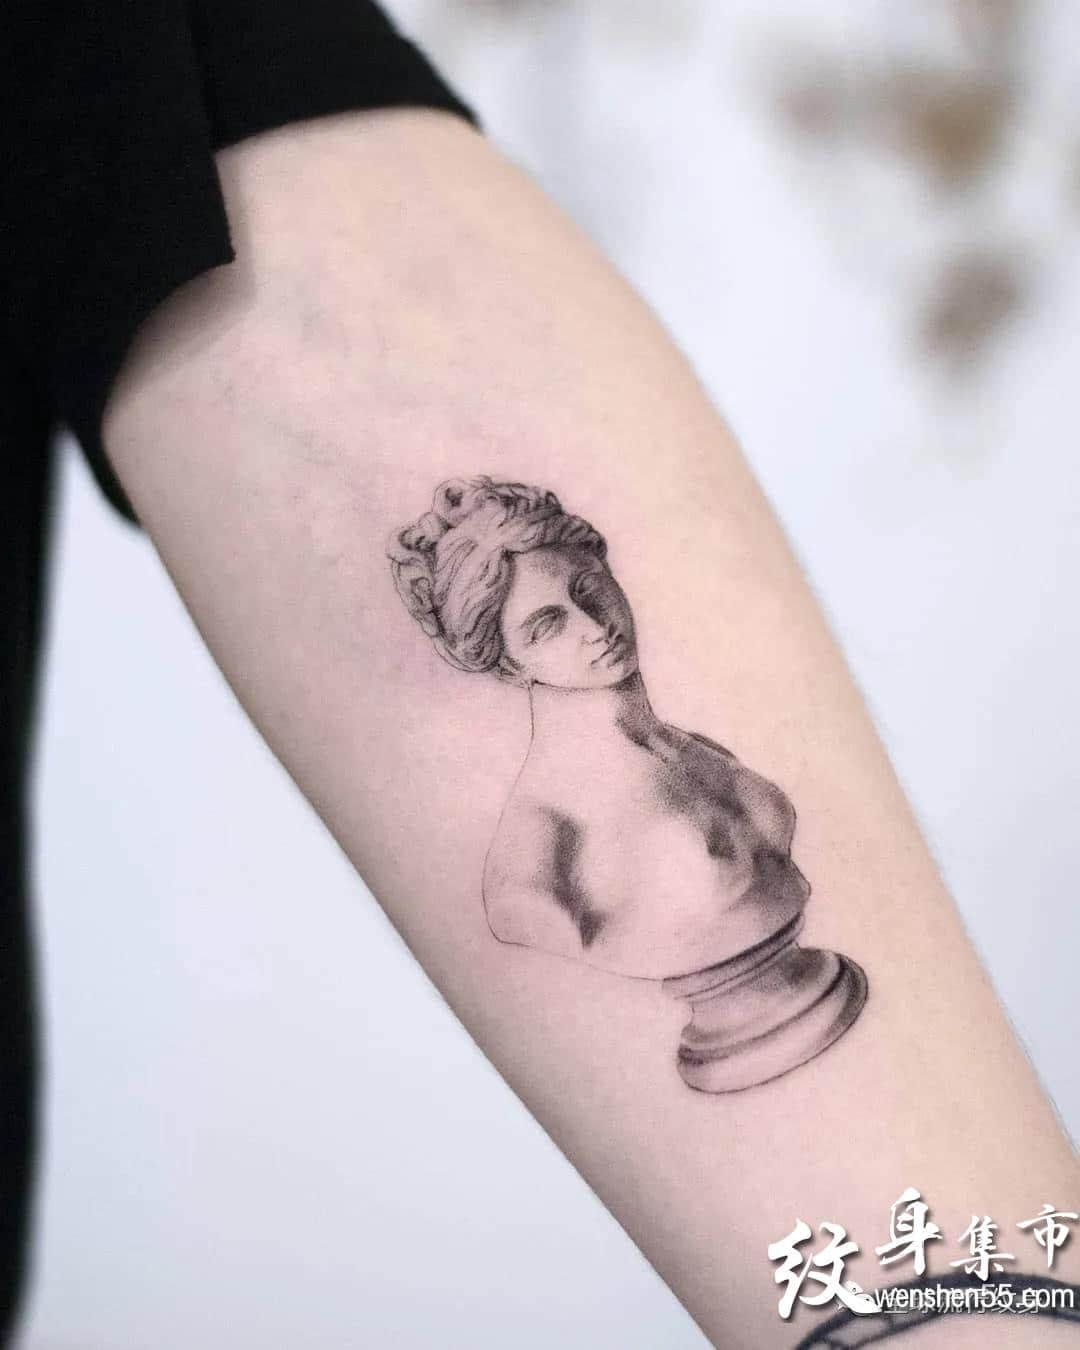 单针素描纹身,单针素描纹身手稿,单针素描纹身手稿图案